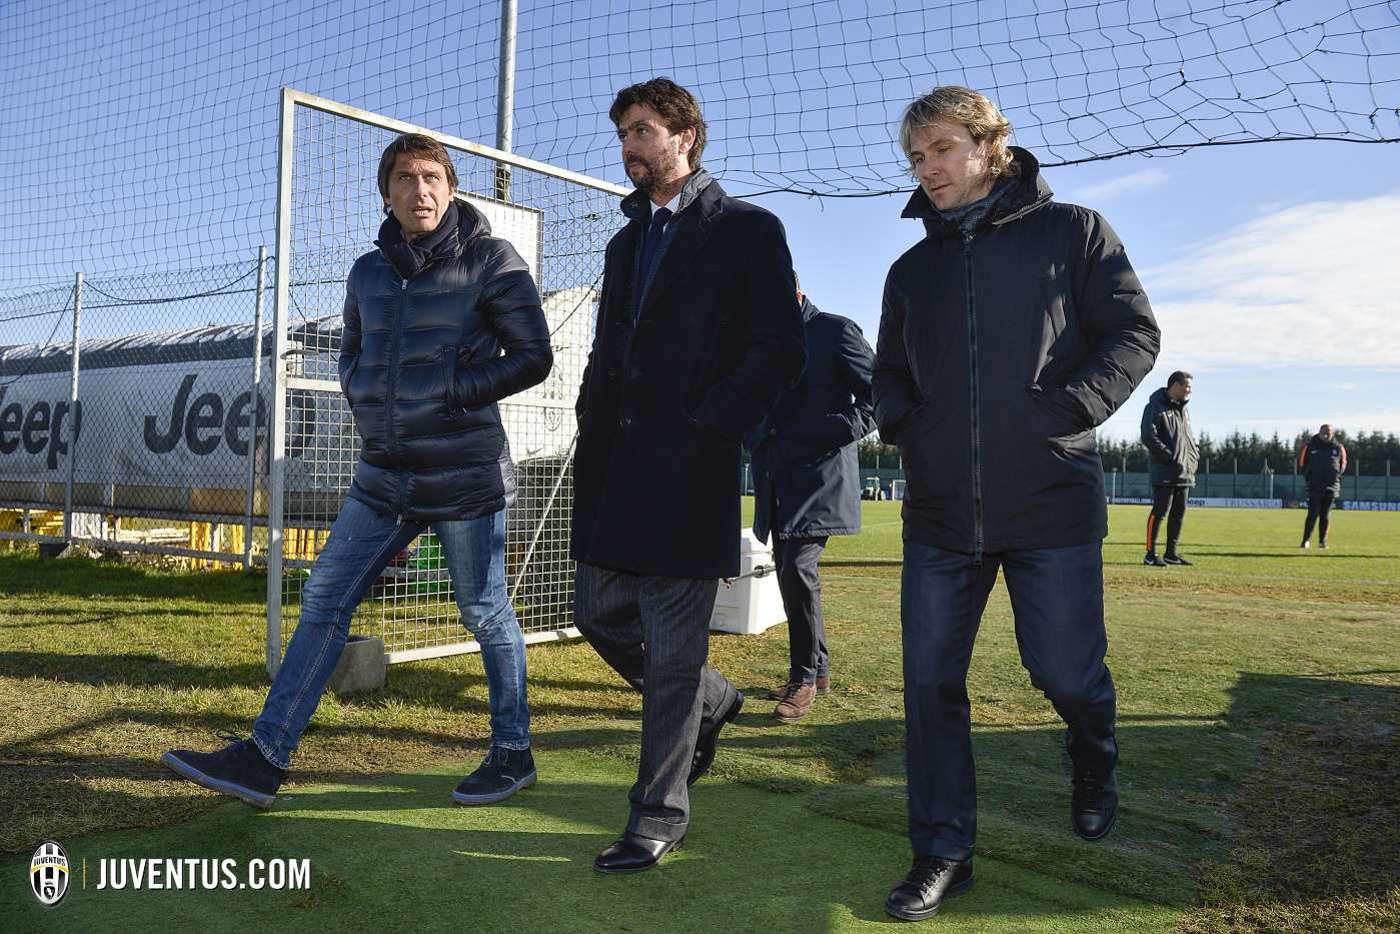 Владелец Лидса Челлино отстранен от футбола на полтора года